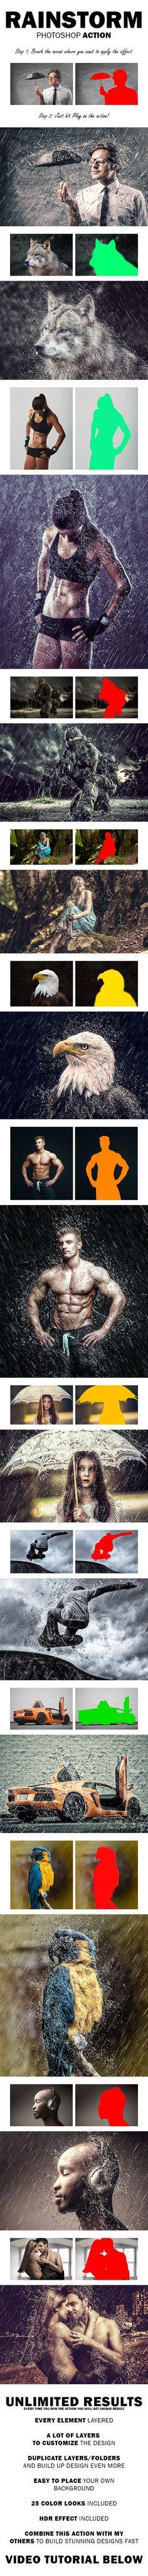 RainStorm Photoshop Action #photoeffect Download: http://graphicriver.net/item/rainstorm-photoshop-action/11018104?ref=ksioks